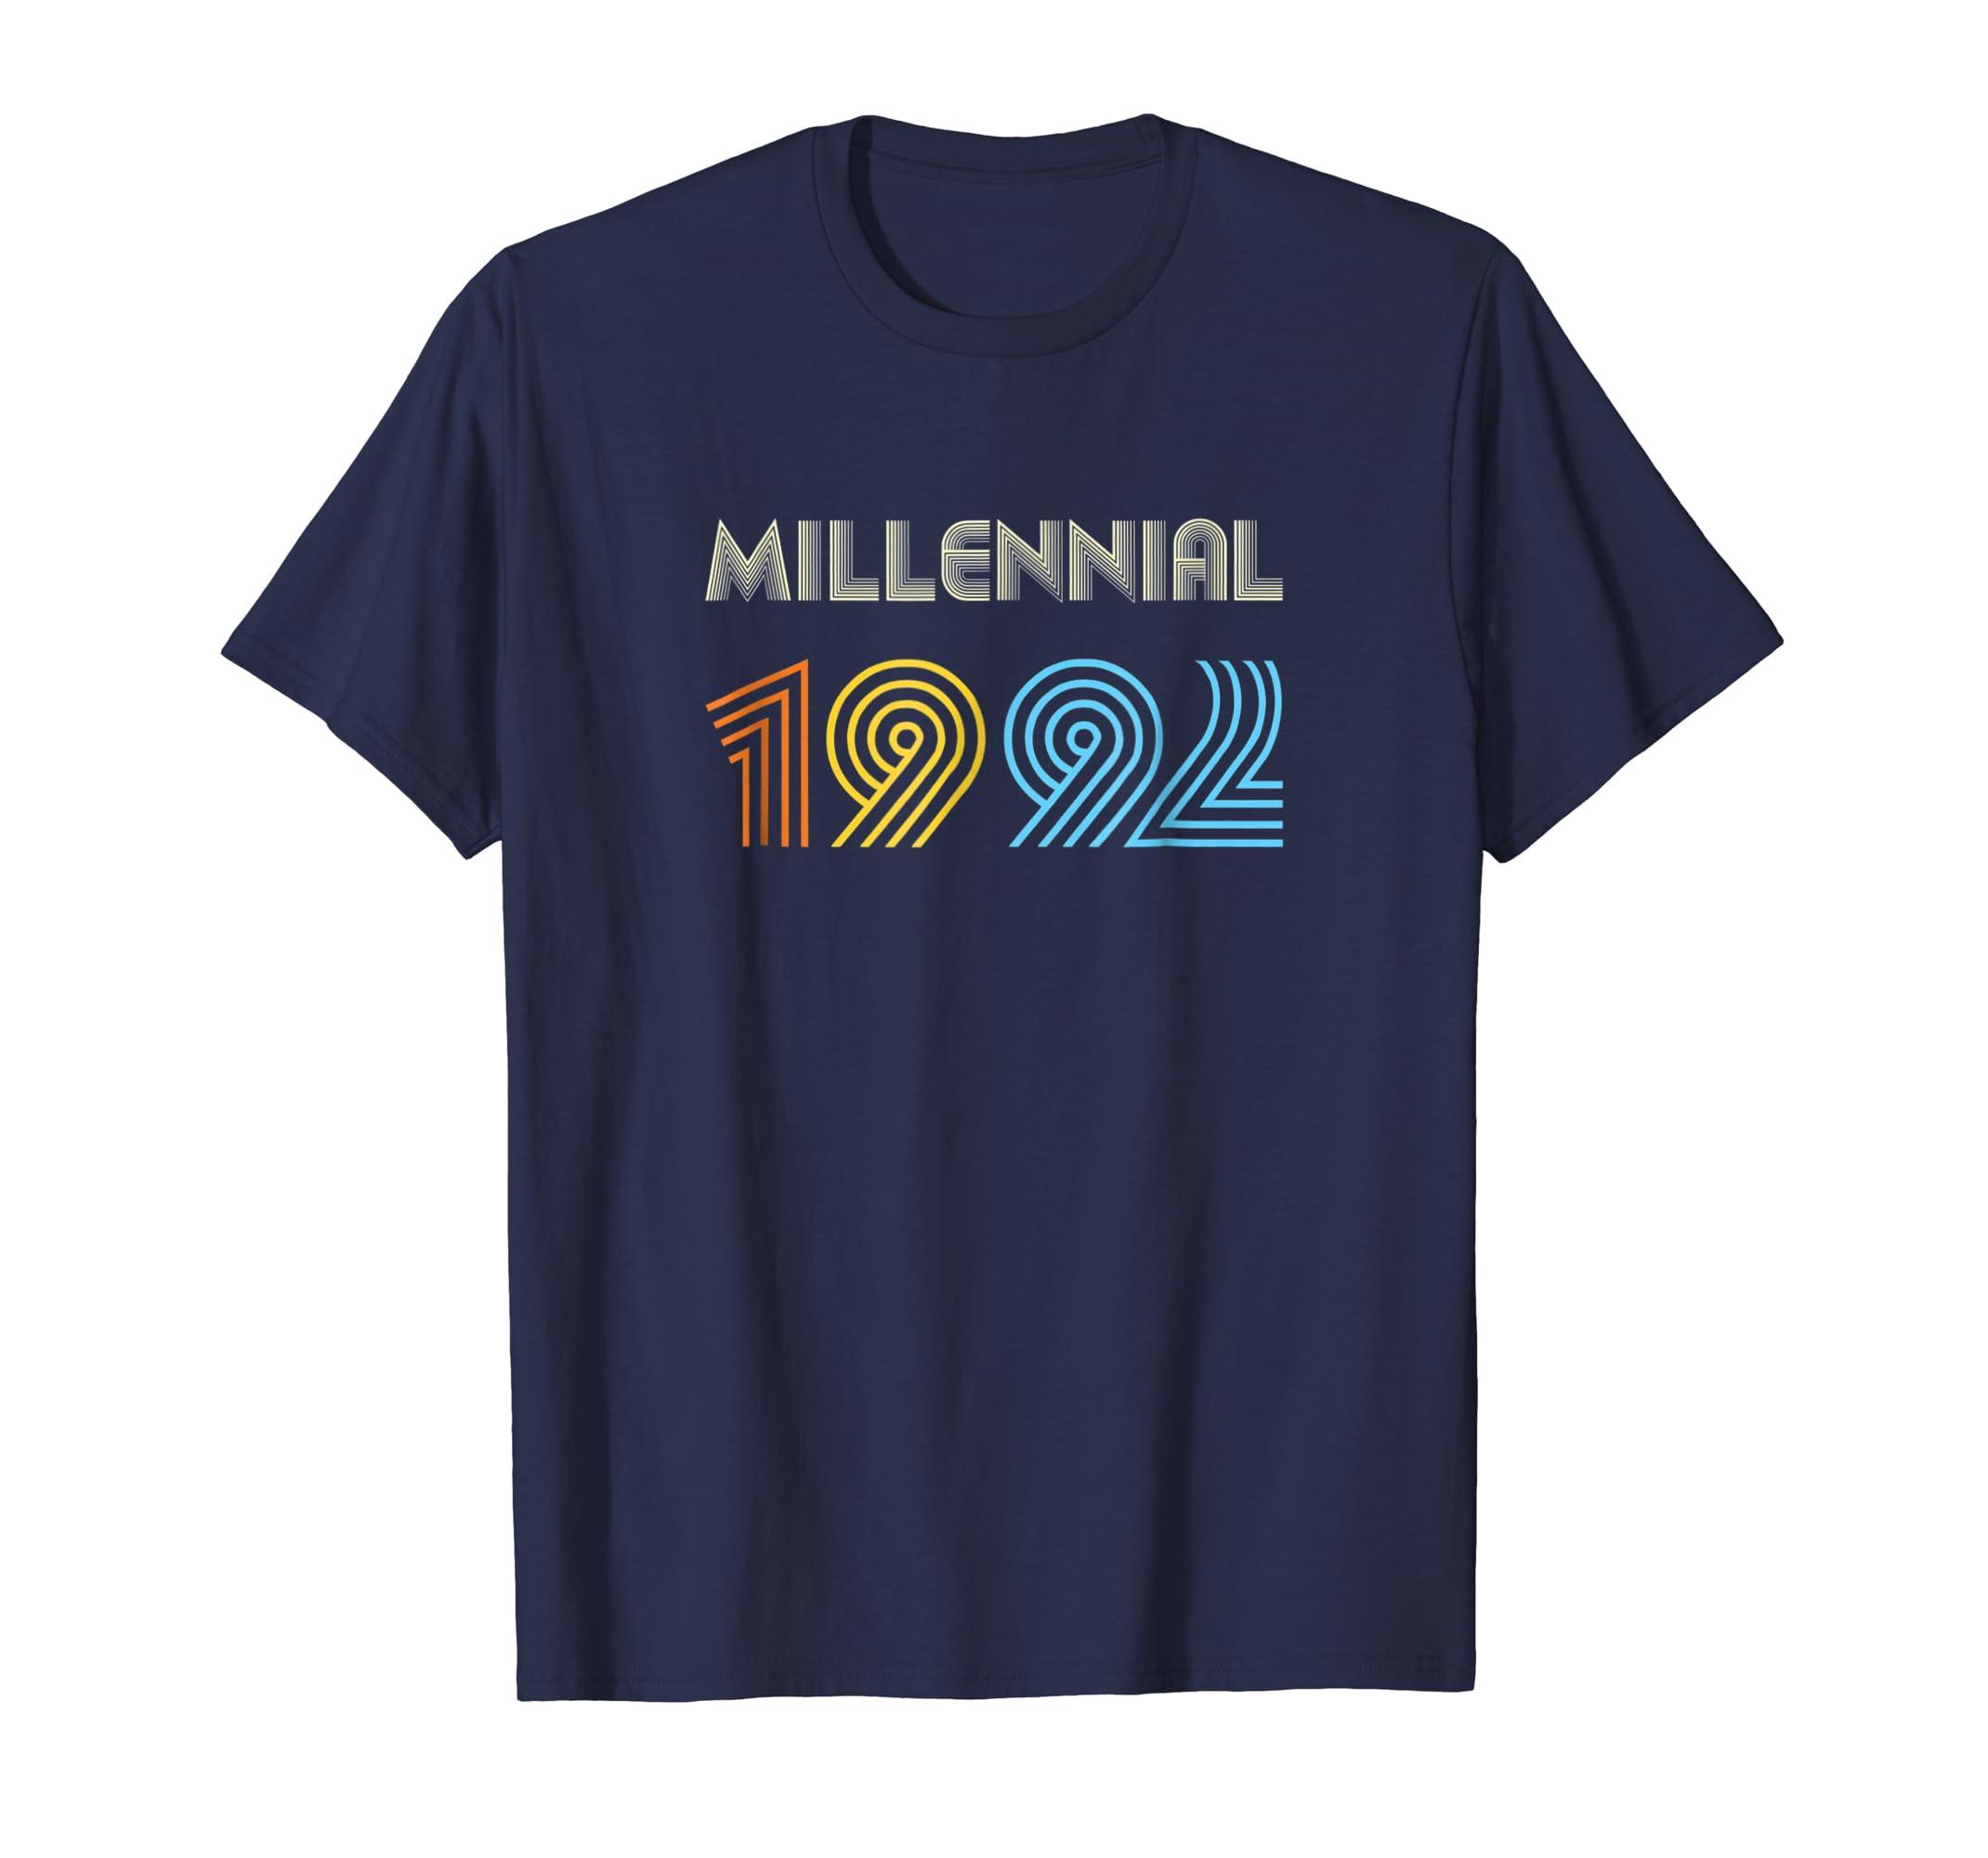 Xeire Millennial Born in 1992 Birthday Gift Shirt-SFL